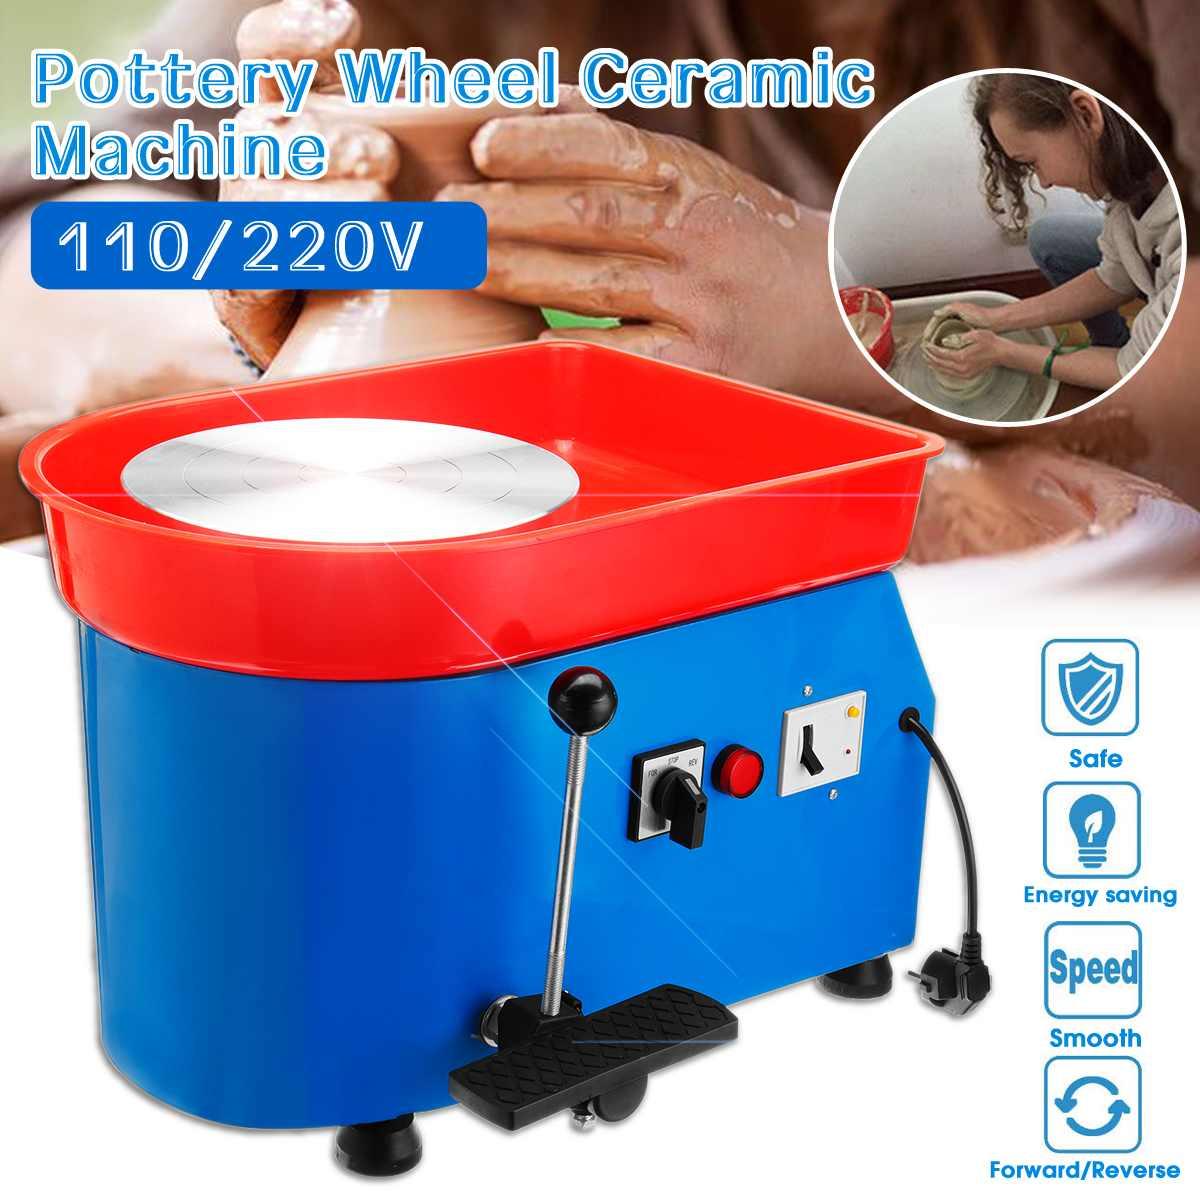 350 W 110/220 V US Plug électrique poterie roue en céramique Machine poterie formant la Machine argile pour travaux pratiques outil céramique travail céramique argile